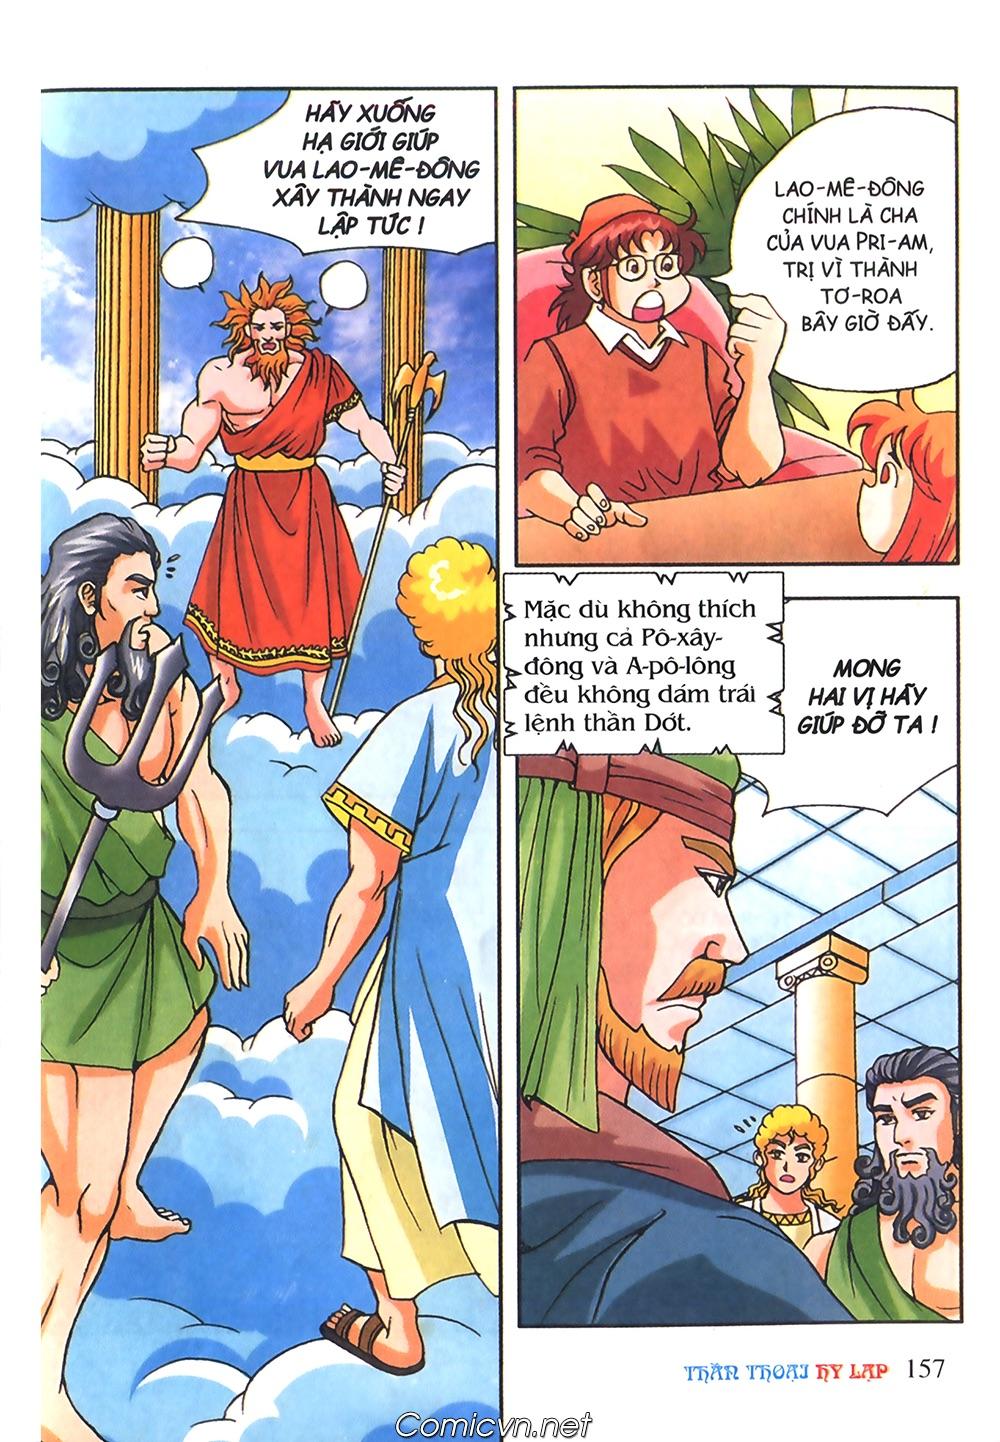 Thần Thoại Hy Lạp Màu - Chapter 56: Hai vị tướng và hai mỹ nữ - Pic 10